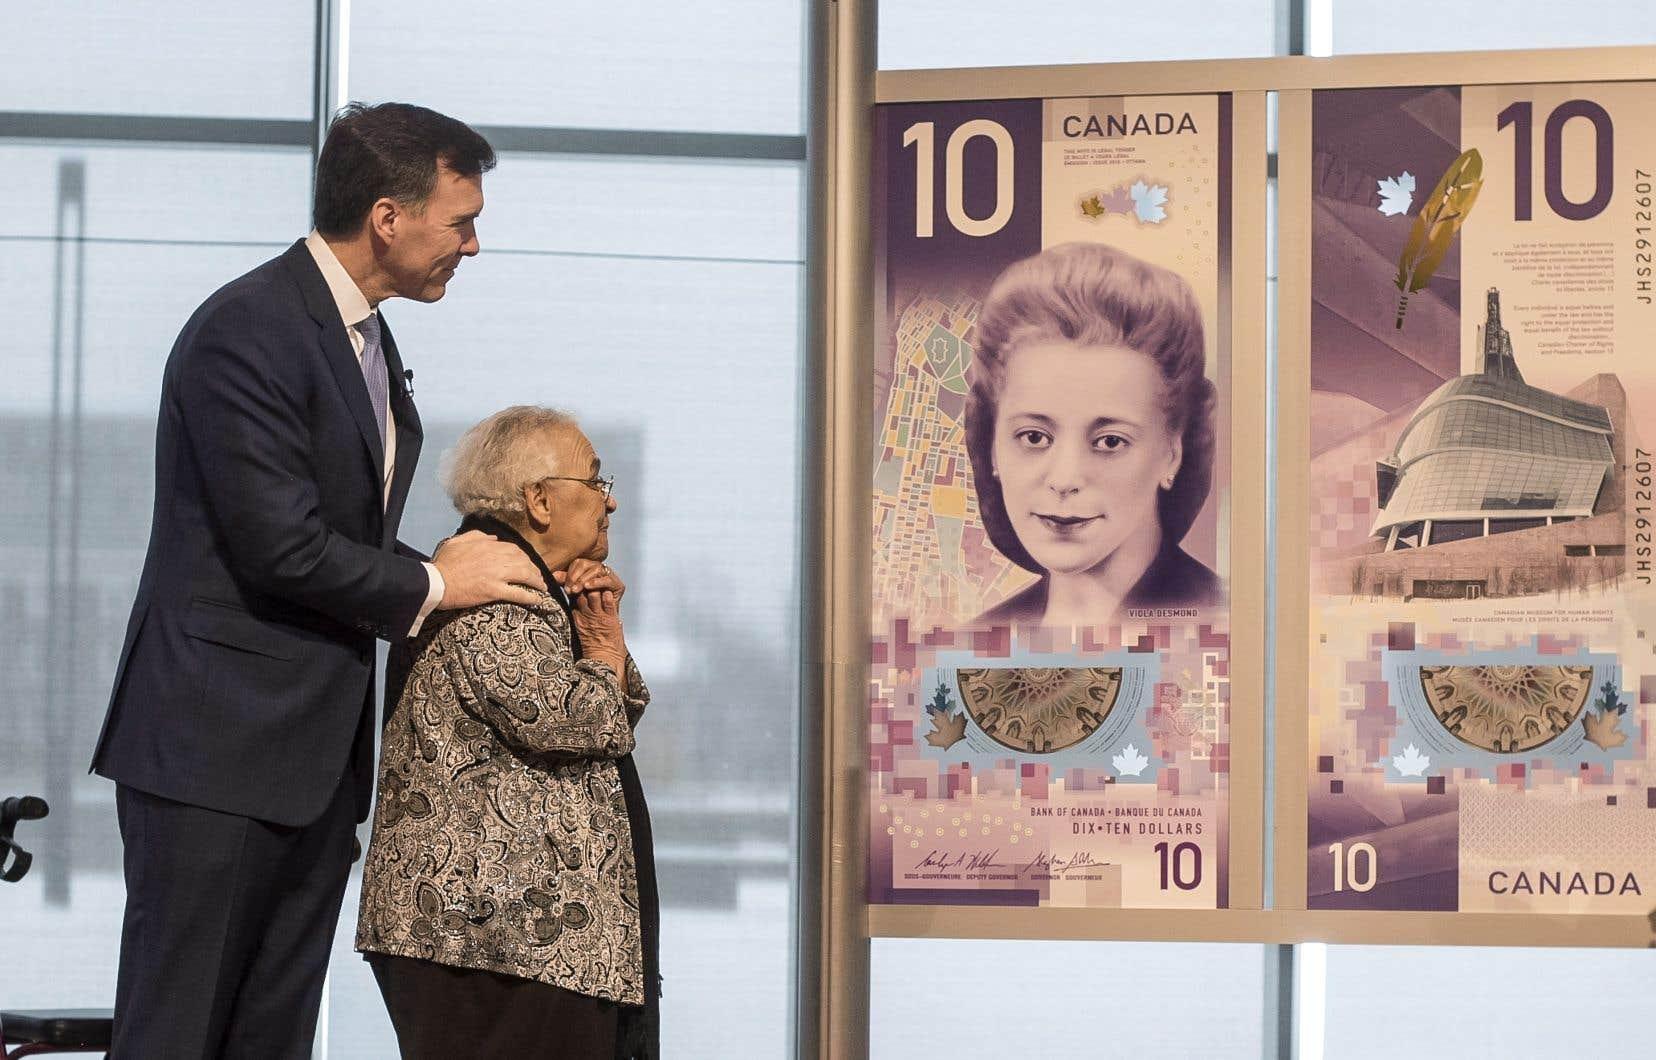 Wanda Robson, la soeur de Viola Desmond, admire le billet de 10$ conçu à son effigie en compagnie du ministre canadien des Finances, Bill Morneau.